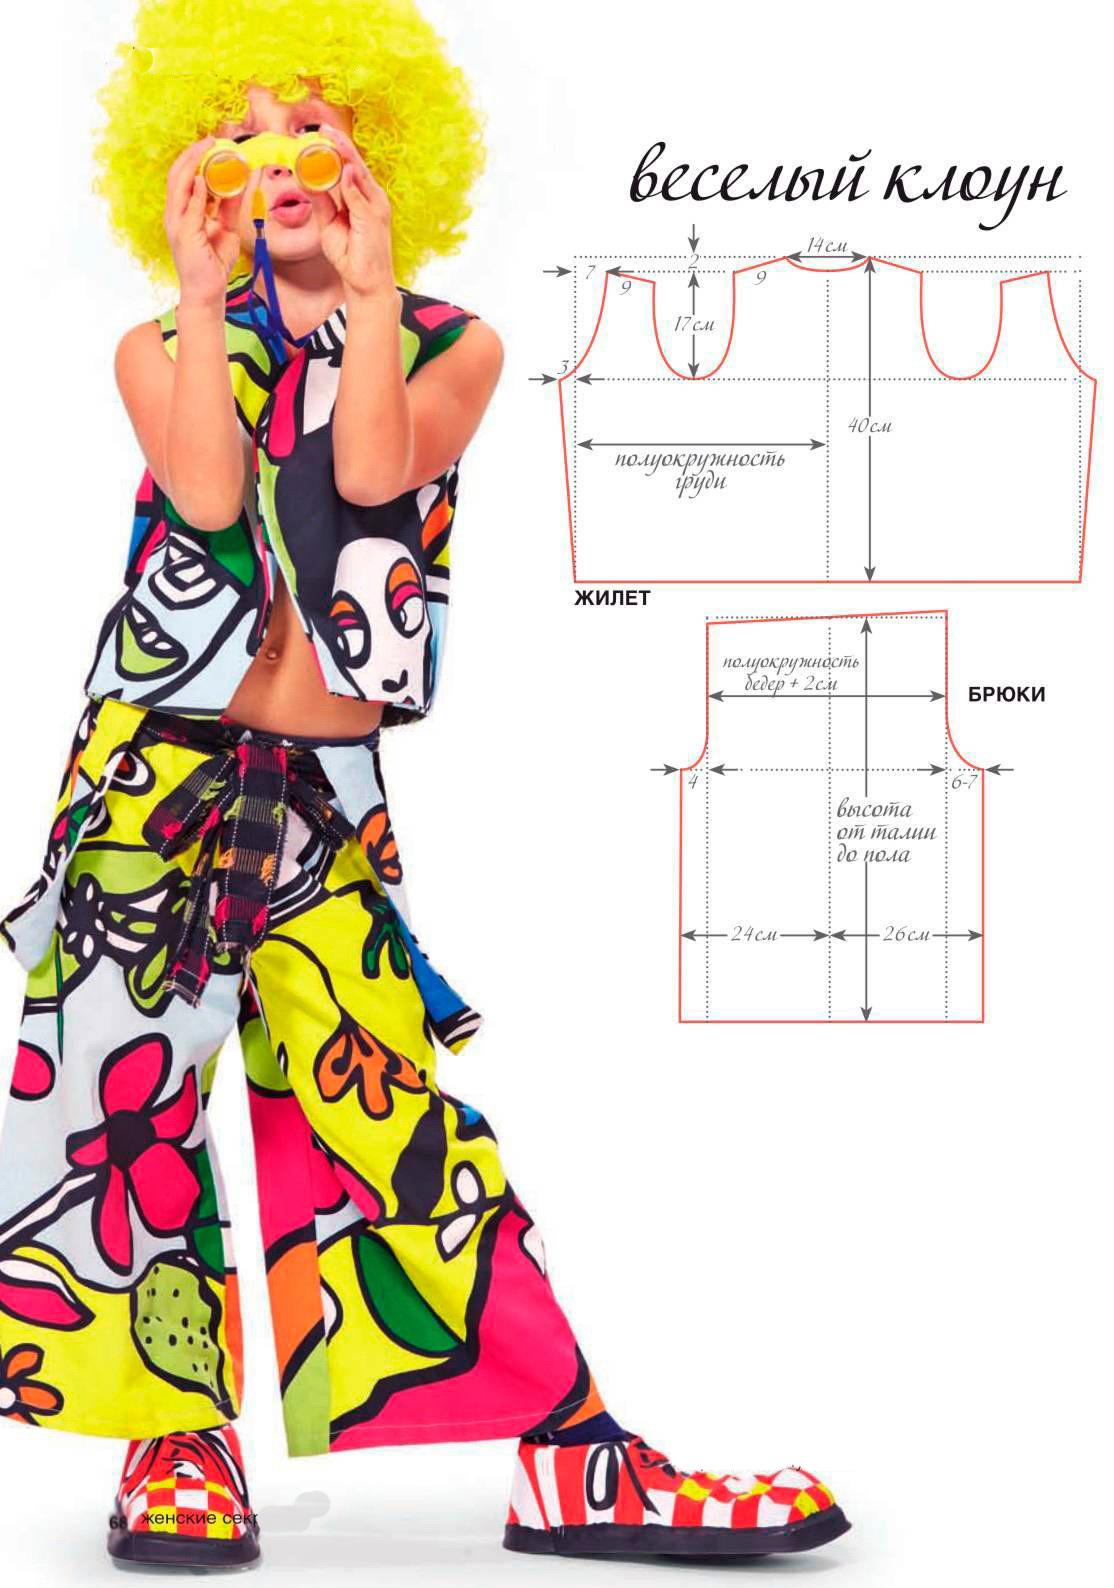 Карнавальный костюм веселого клоуна Costume Clown